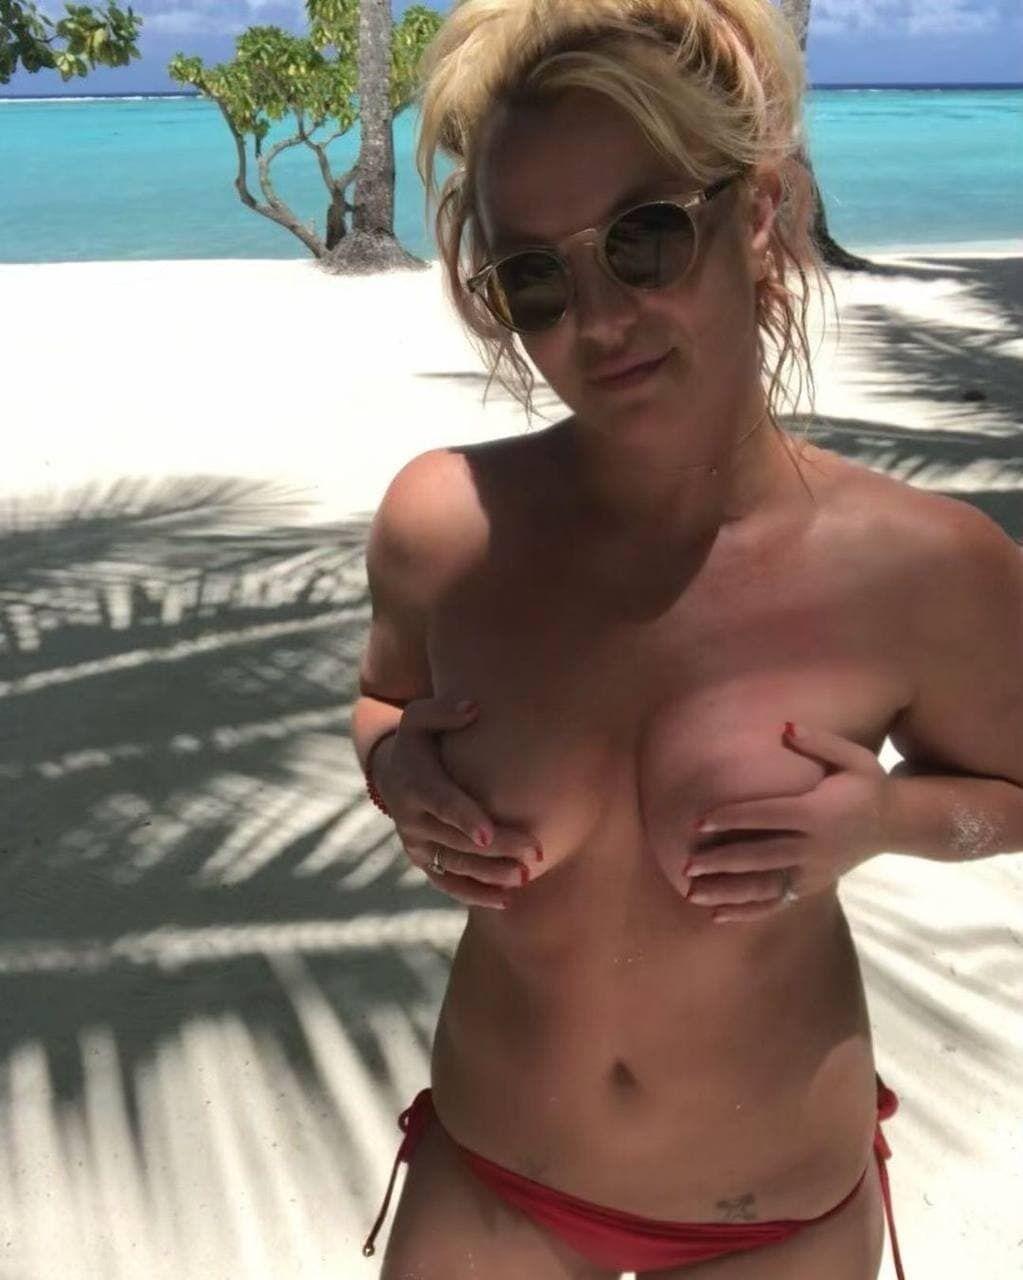 Бритни Спирс прикрыла голую грудь руками.